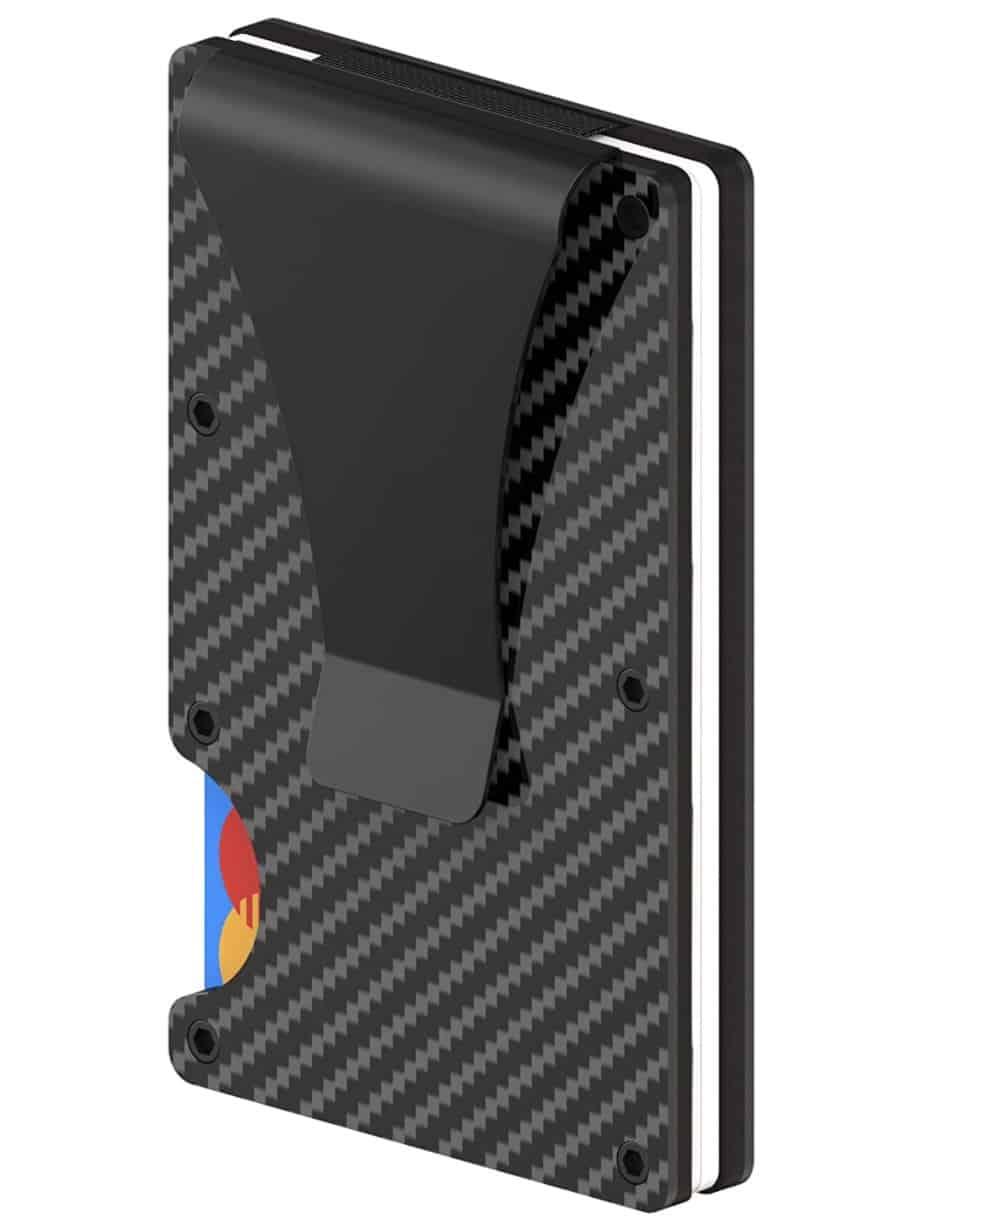 Carbon Kreditkartenetui mit NFC & RFID Schutz für nur 7,99 Euro